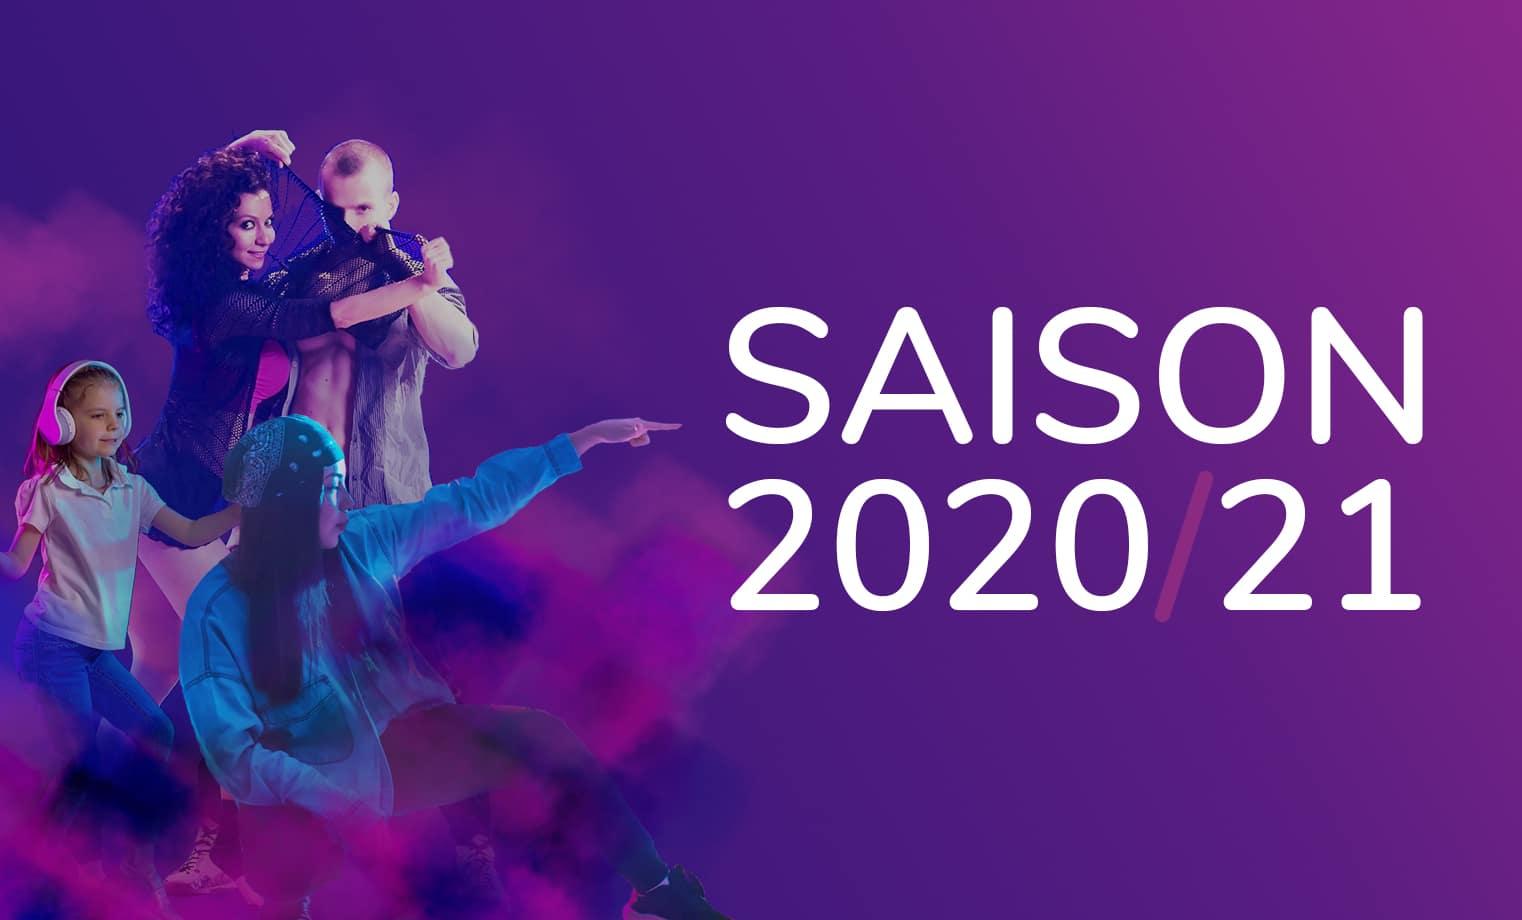 Saison 2020-21